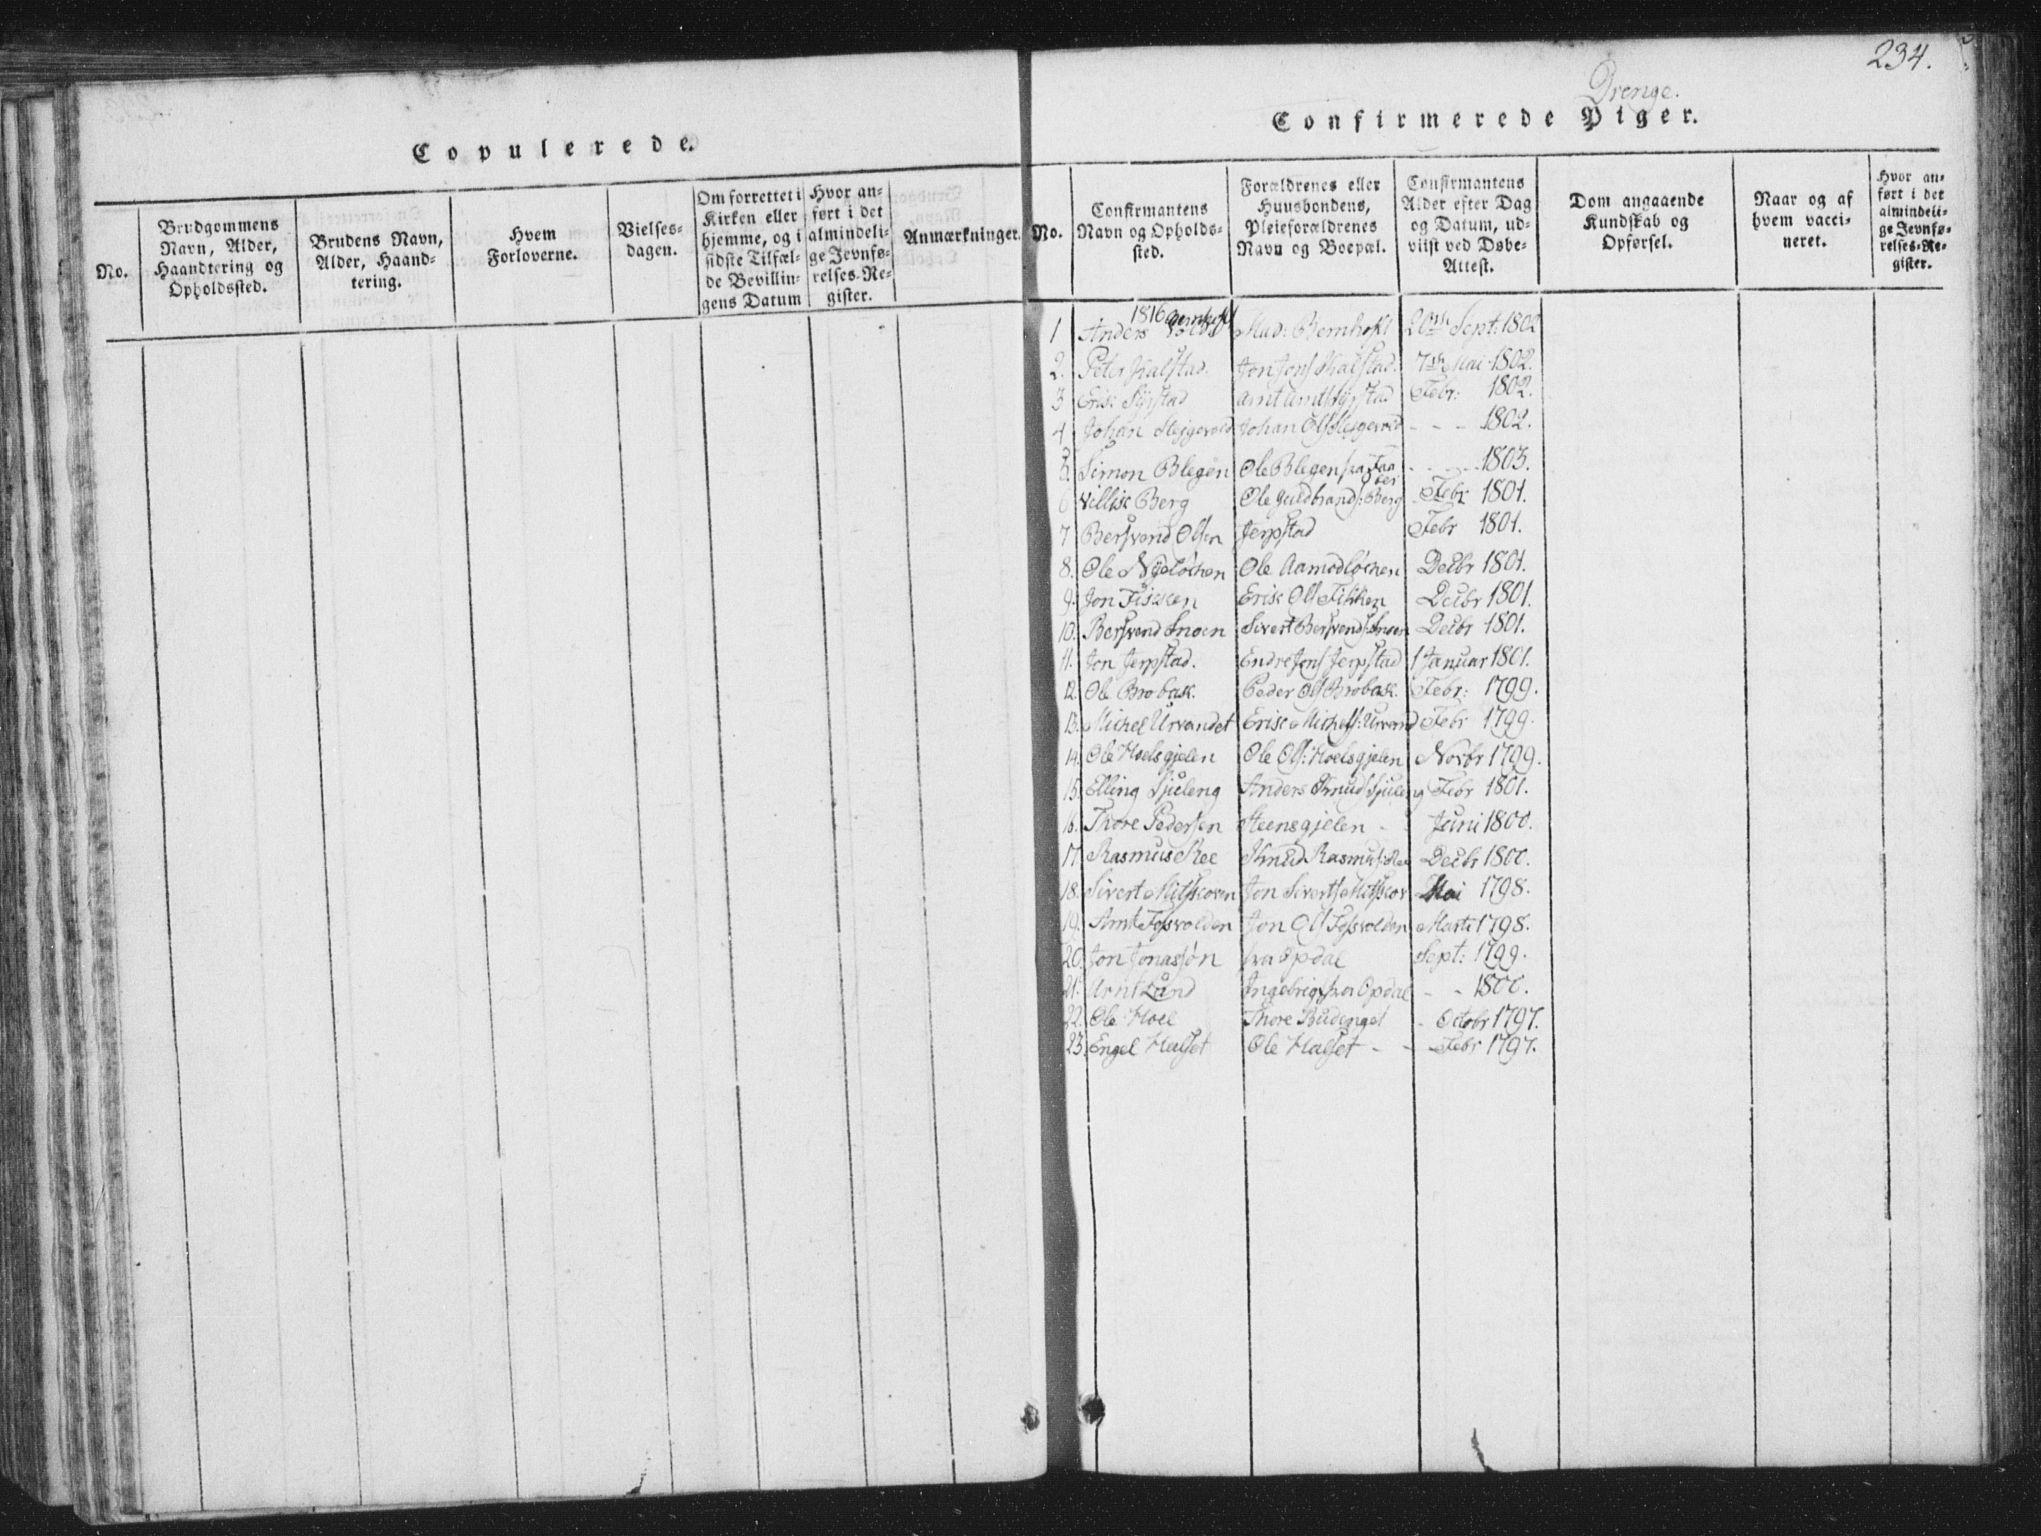 SAT, Ministerialprotokoller, klokkerbøker og fødselsregistre - Sør-Trøndelag, 672/L0862: Klokkerbok nr. 672C01, 1816-1831, s. 234